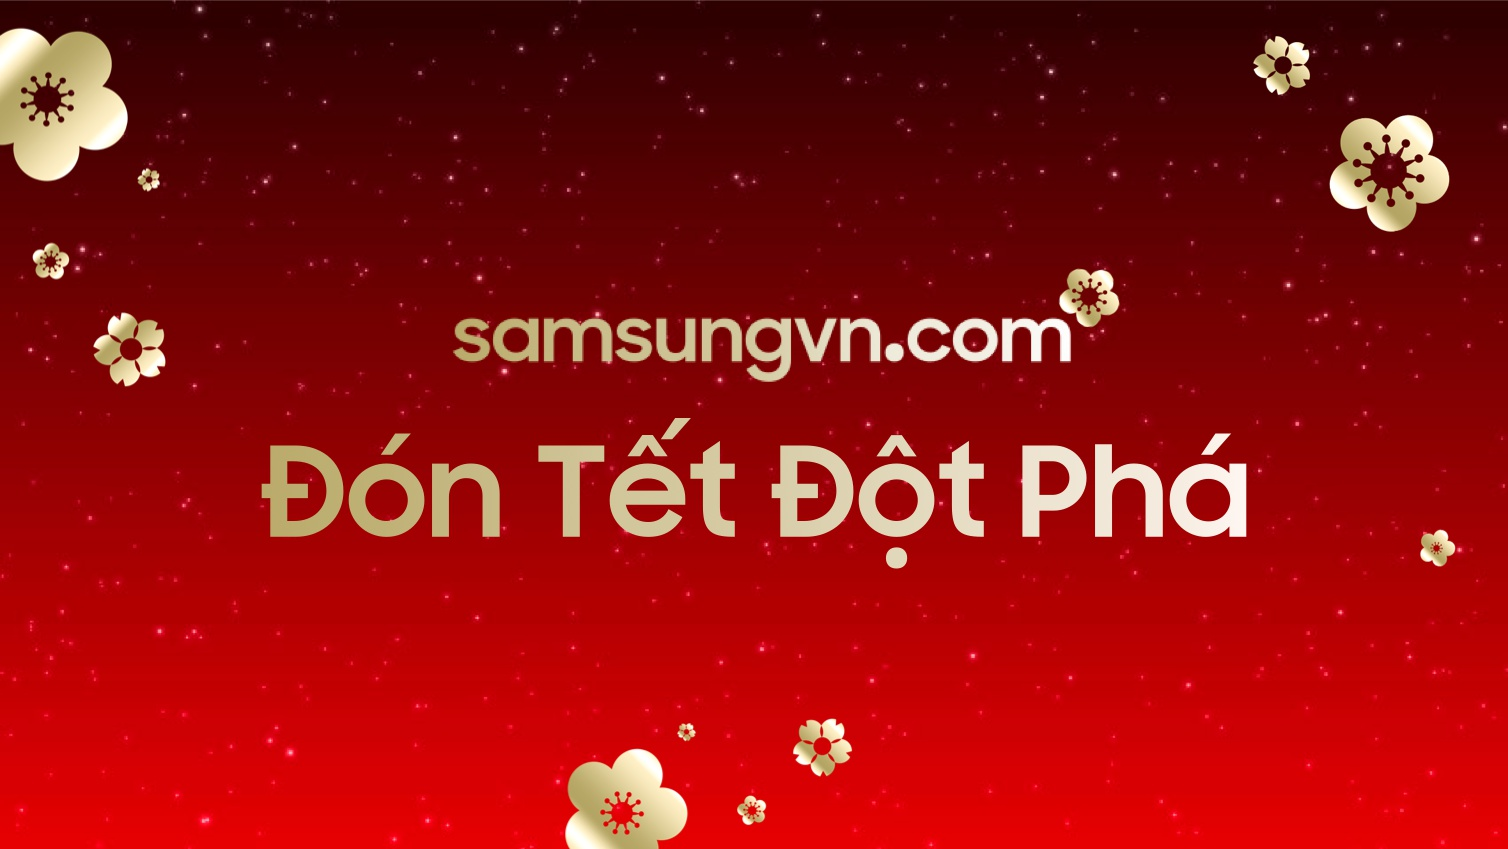 SamsungVN.com tân trang Giao diện để Đón Tết cùng anh em